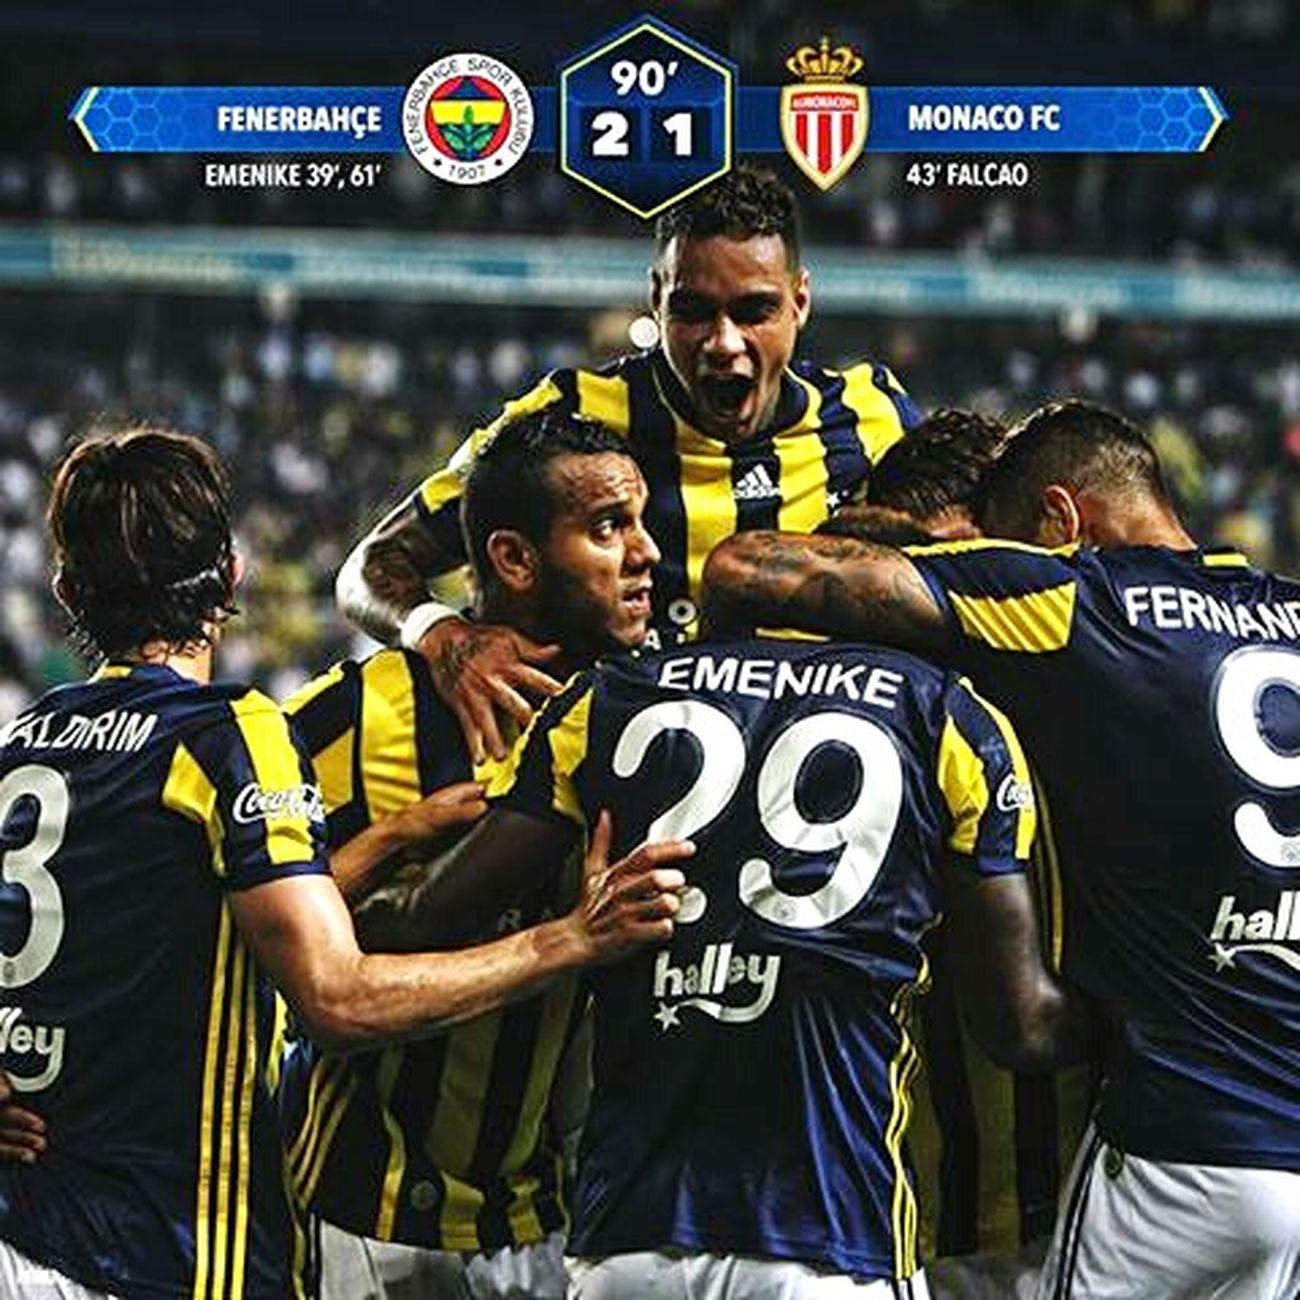 Fenerbahce vs Monaco Football Turkey Emenike Sarılacivert ⚽⚽🇹🇷 Adventure Club